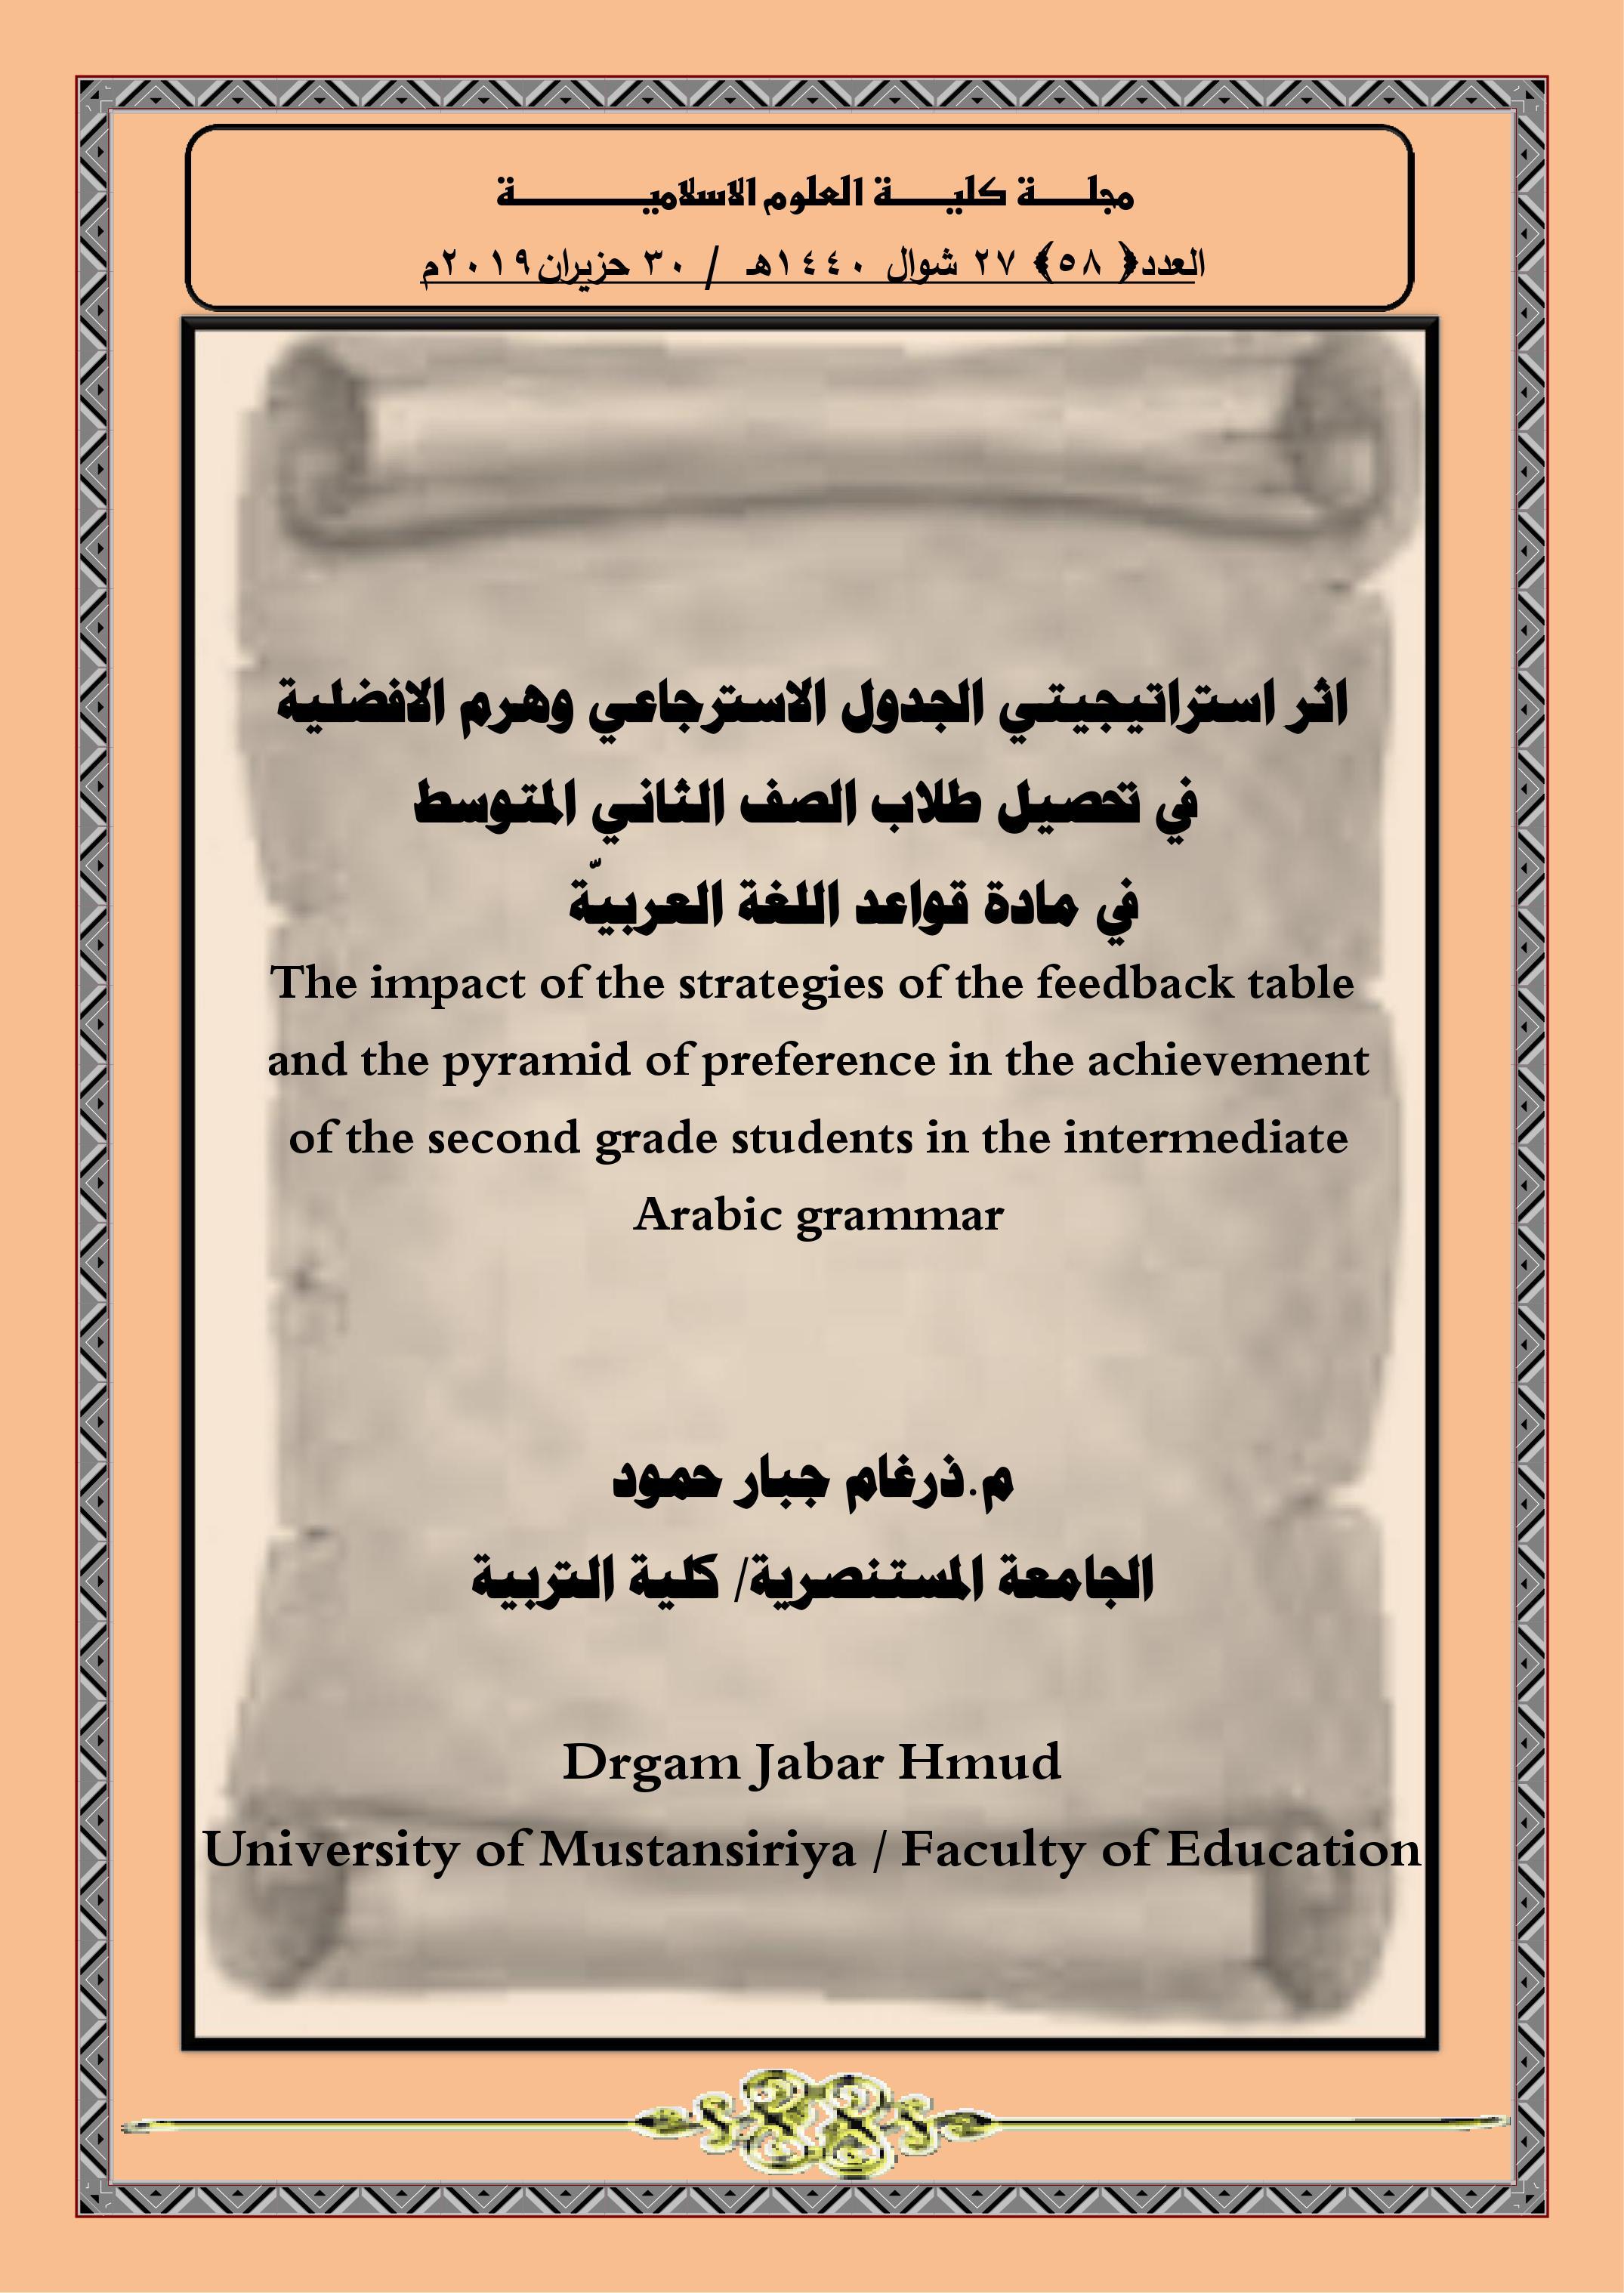 اثر استراتيجيتي الجدول الاسترجاعي وهرم الافضلية  في تحصيل طلاب الصف الثاني المتوسط  في مادة قواعد اللغة العربيّة